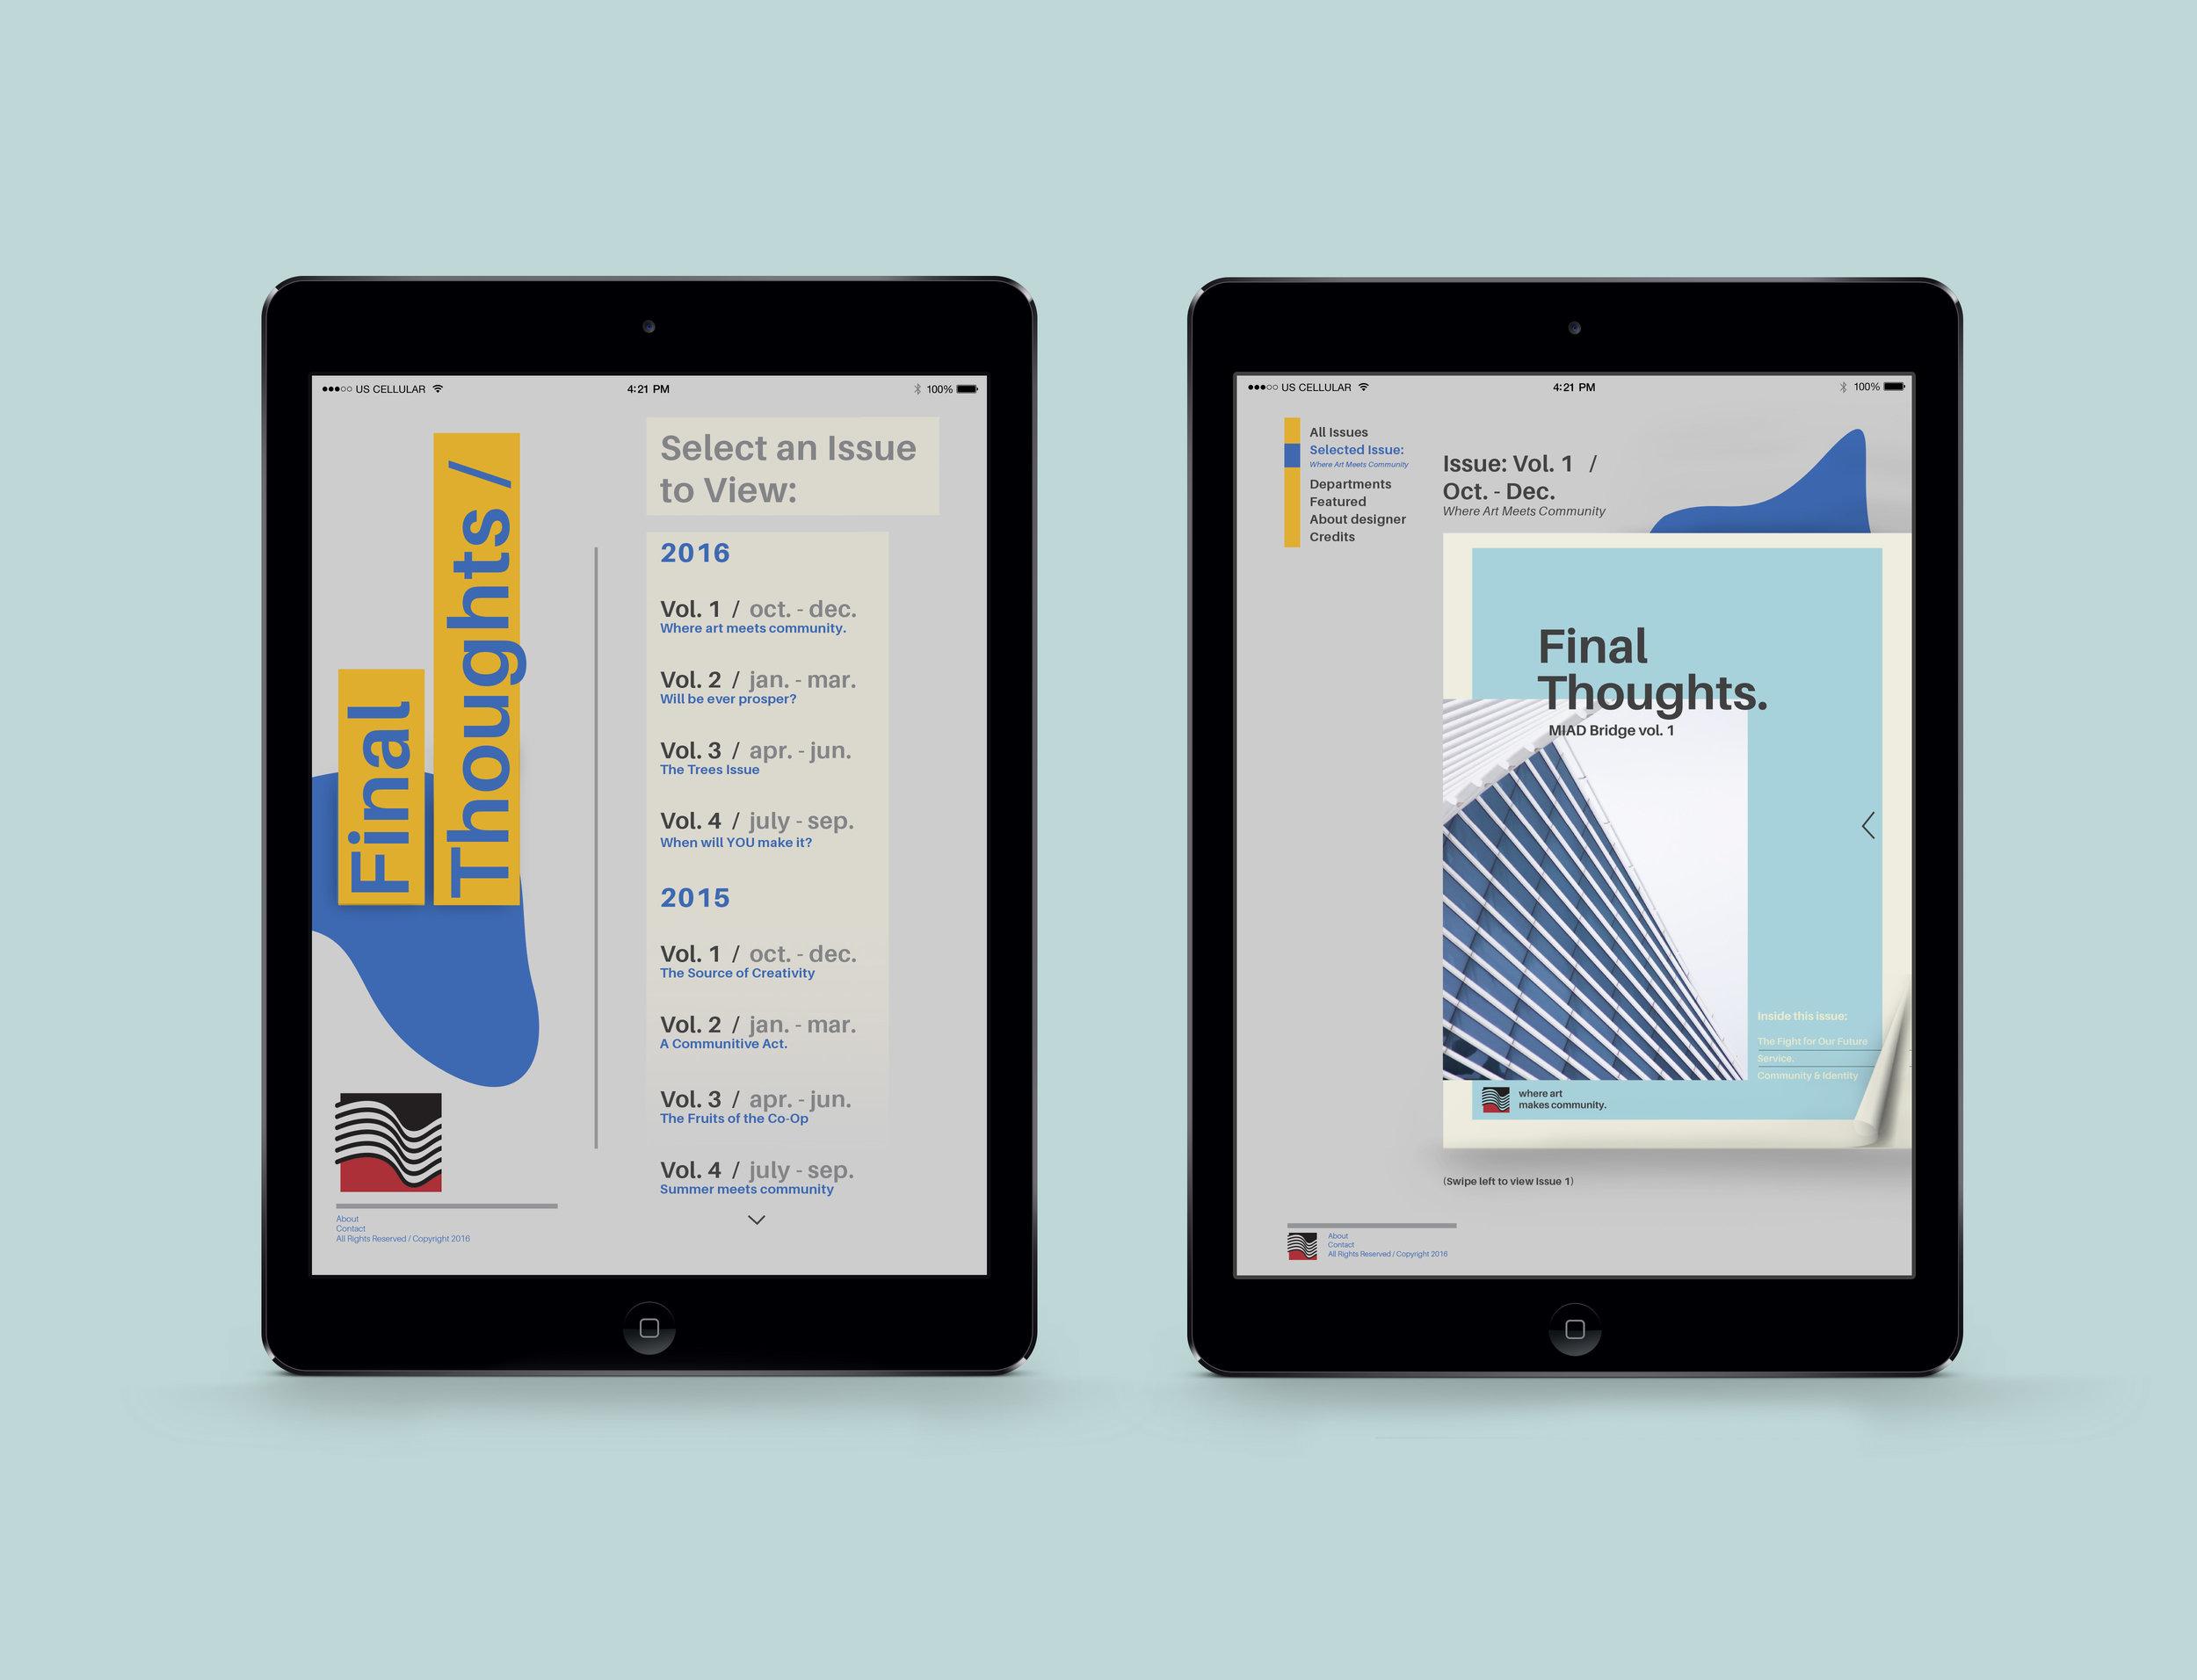 01-iPad-Air-Mock-up copy.jpg